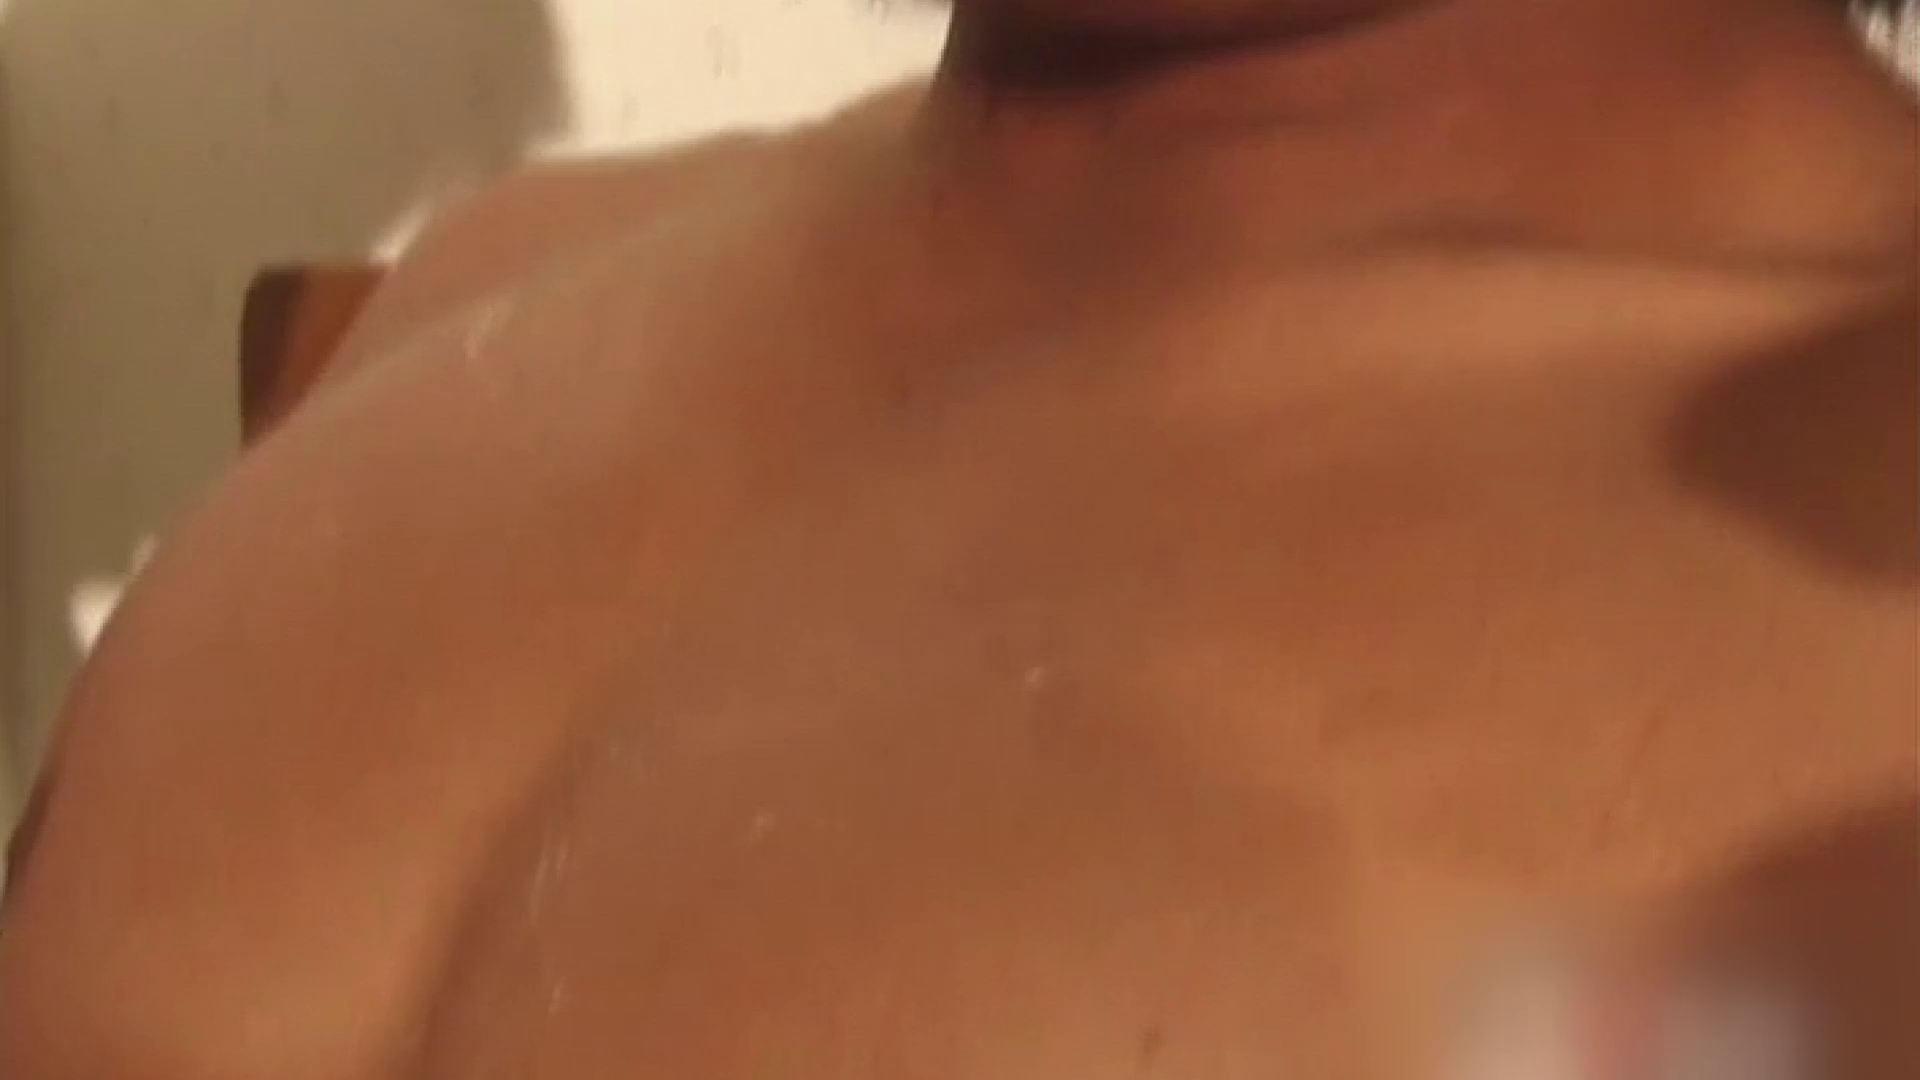 珍肉も筋肉の内!!vol.6 フェラ ゲイ素人エロ画像 106枚 99